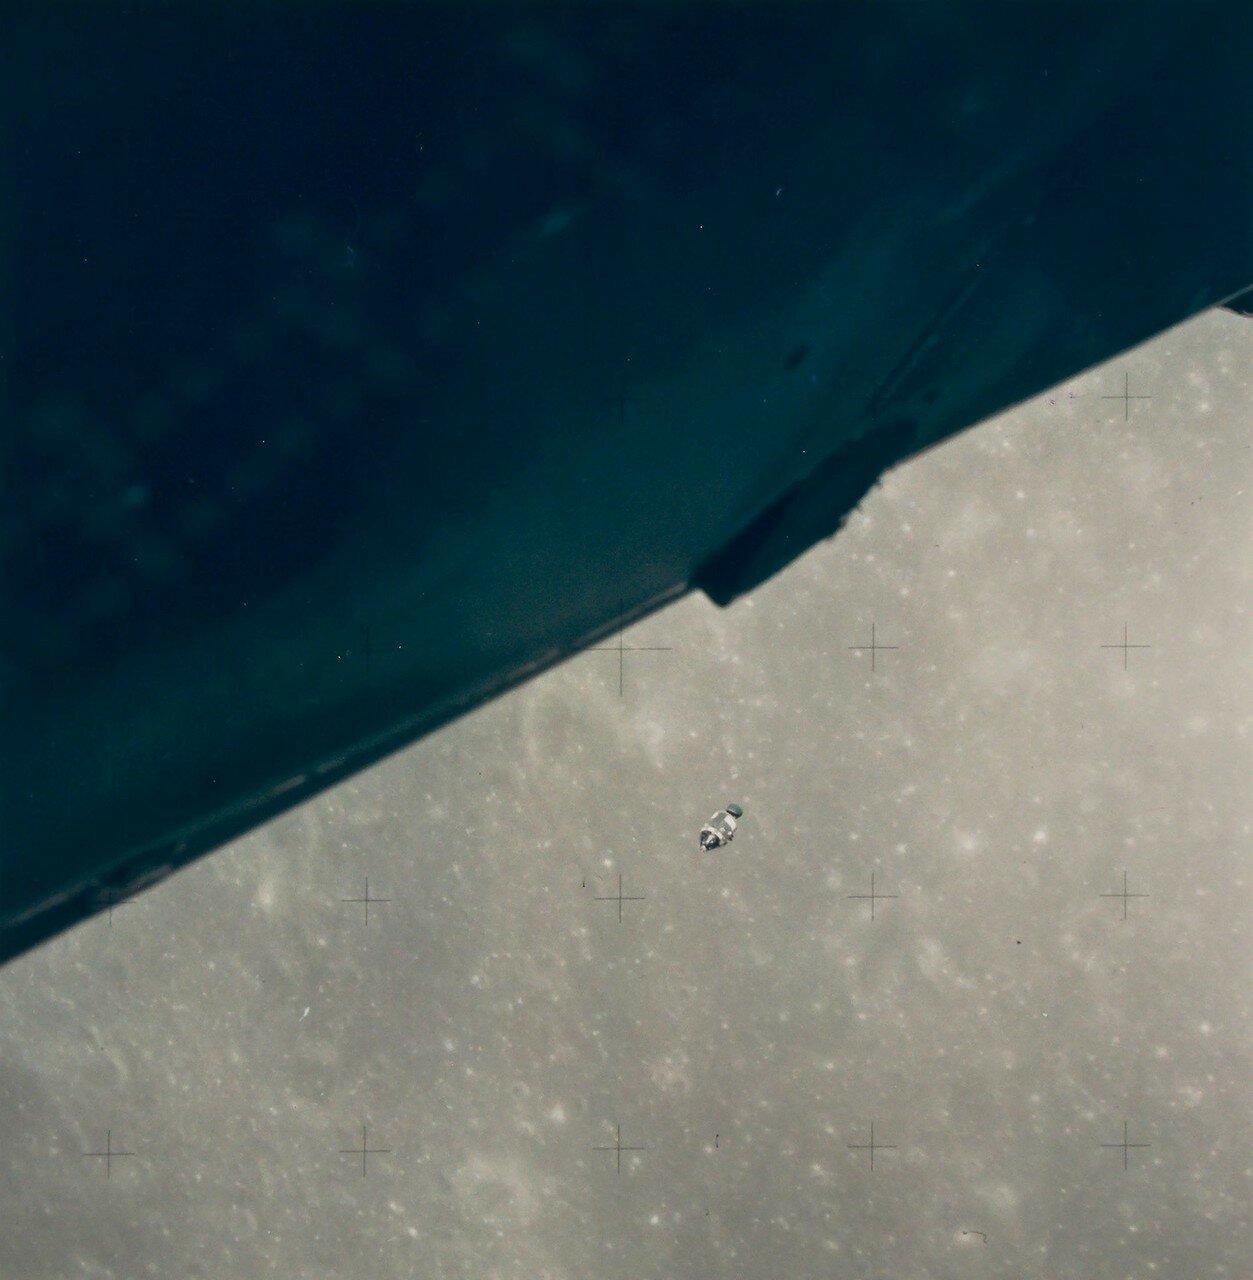 В течение первых двадцати шести секунд полёта лунного модуля Шепард вручную поддерживал тягу двигателя на уровне около 10 %. На снимке: Вид К.М. на лунной орбите из Л.М.